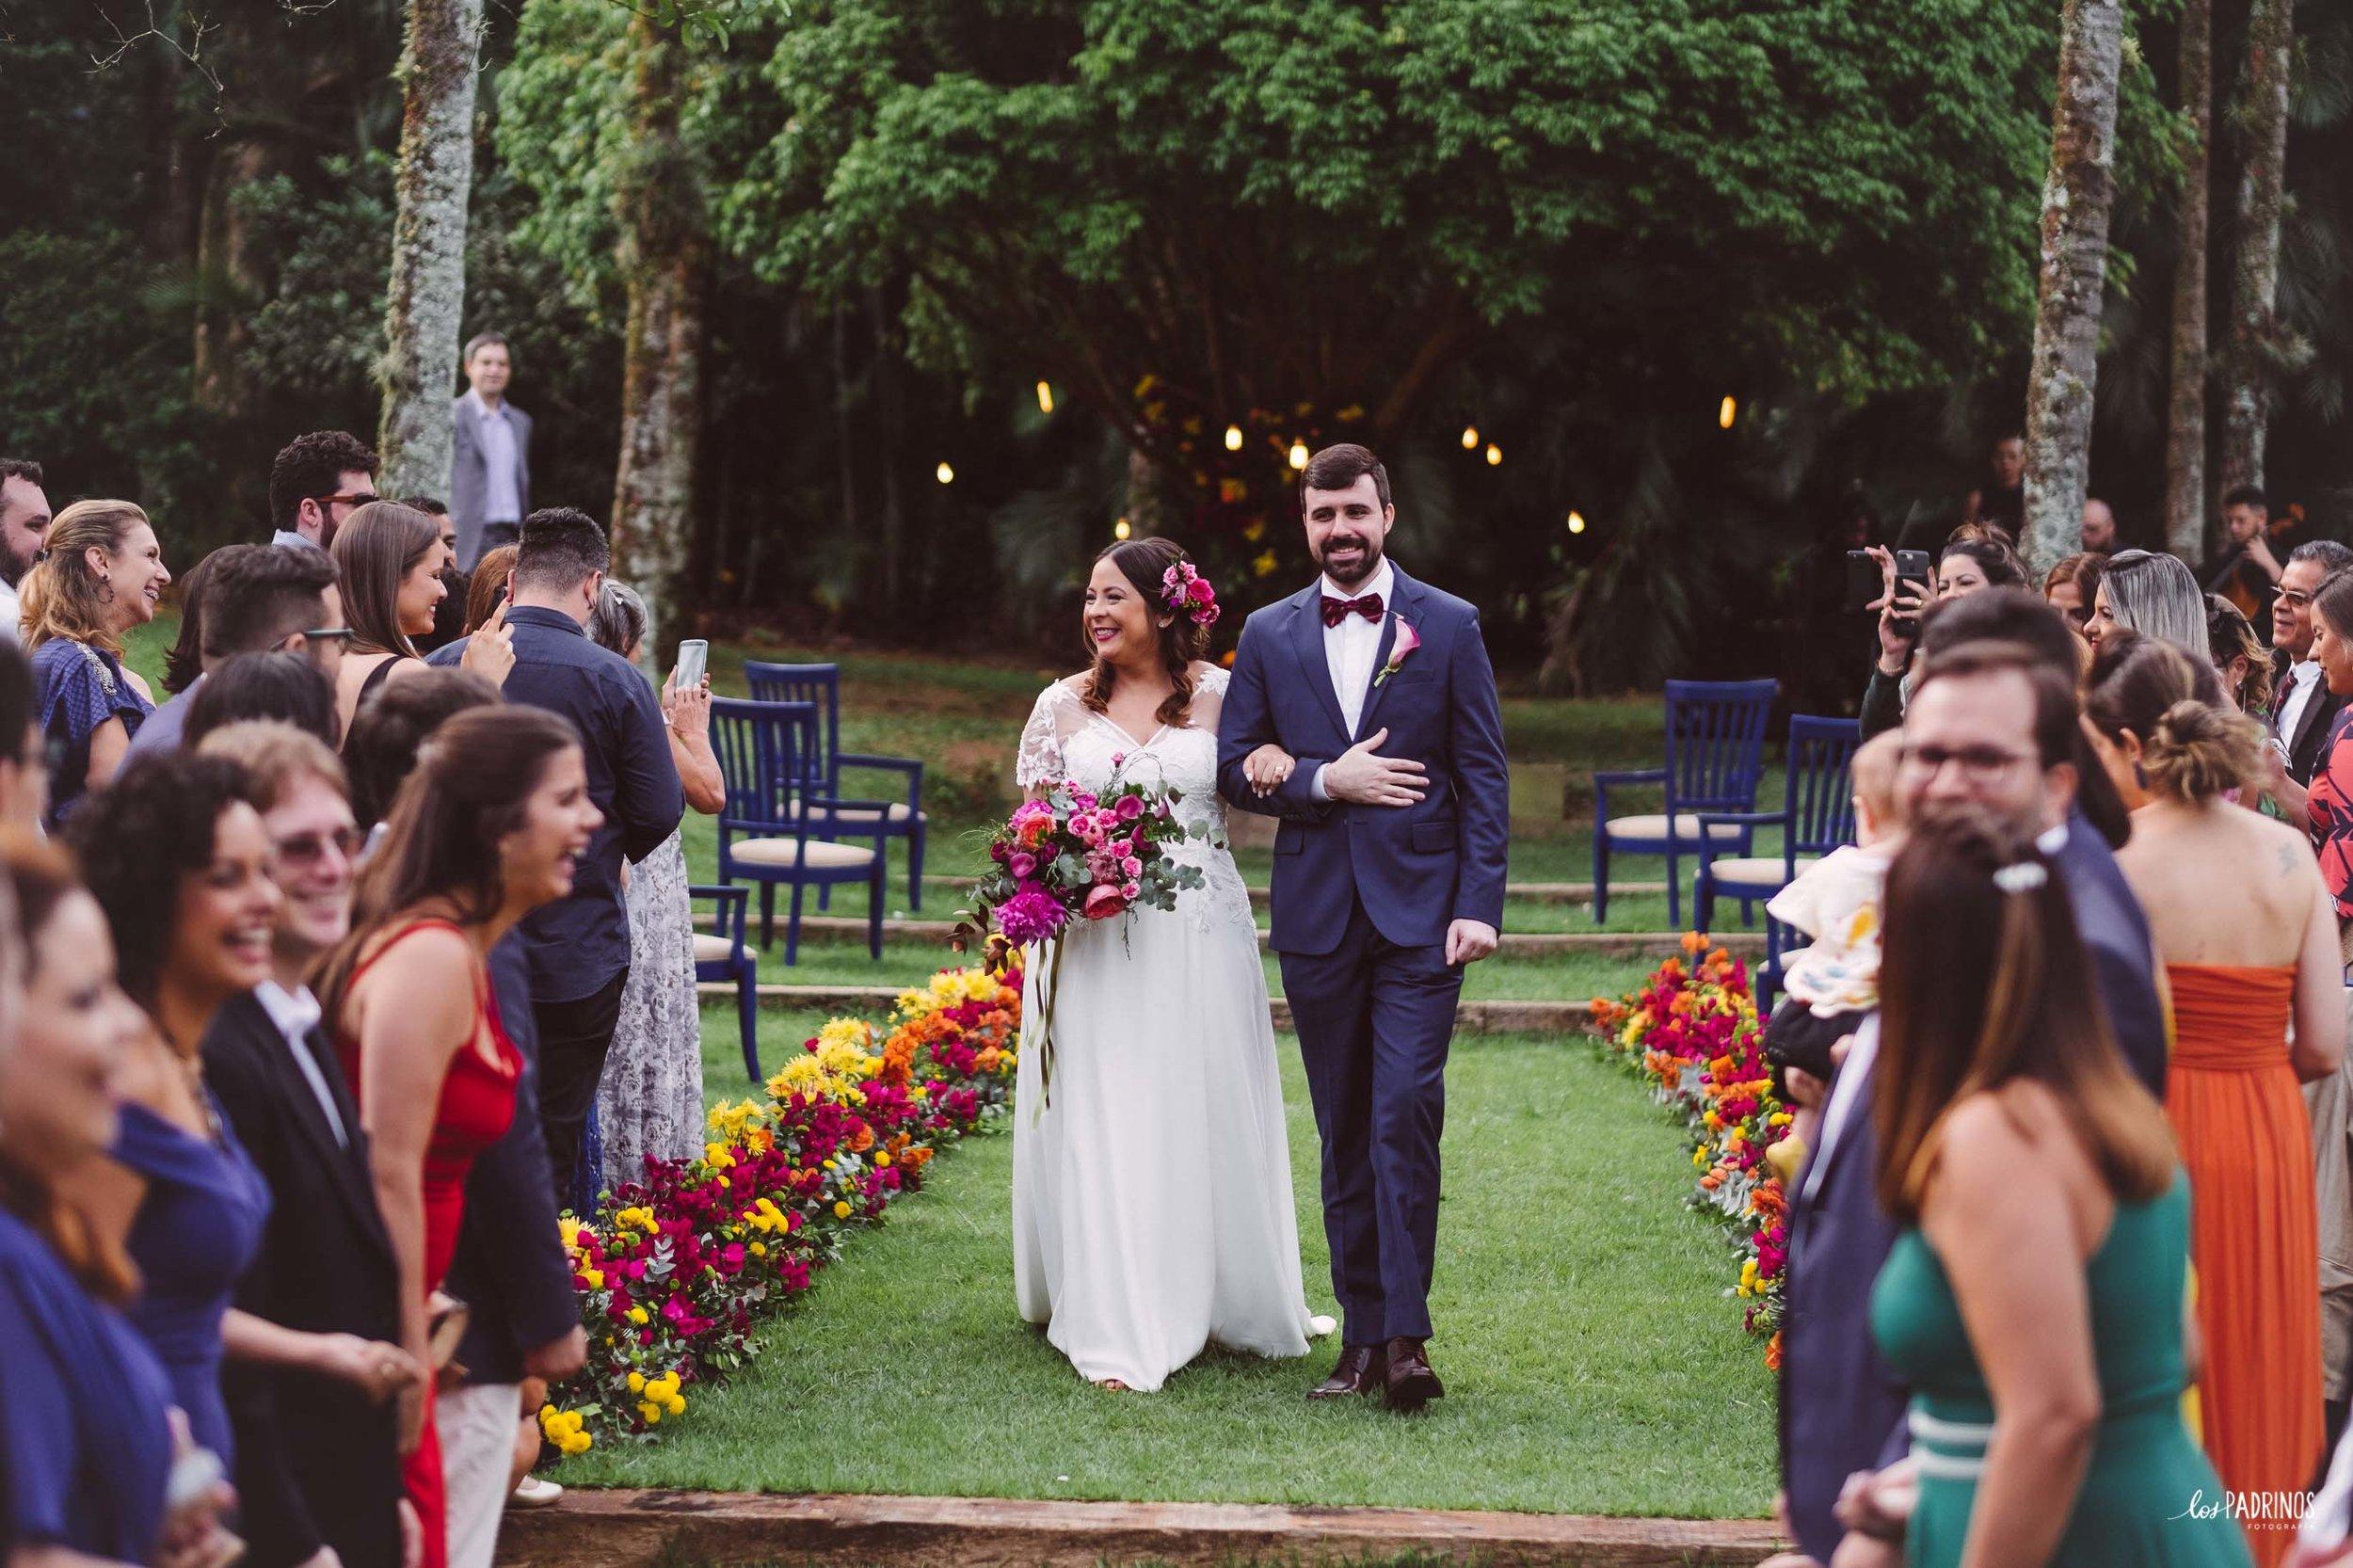 los-padrinos-fotografia-casamento-espaco-arcadia-soraia-roberto-renata-mario_0553.jpg